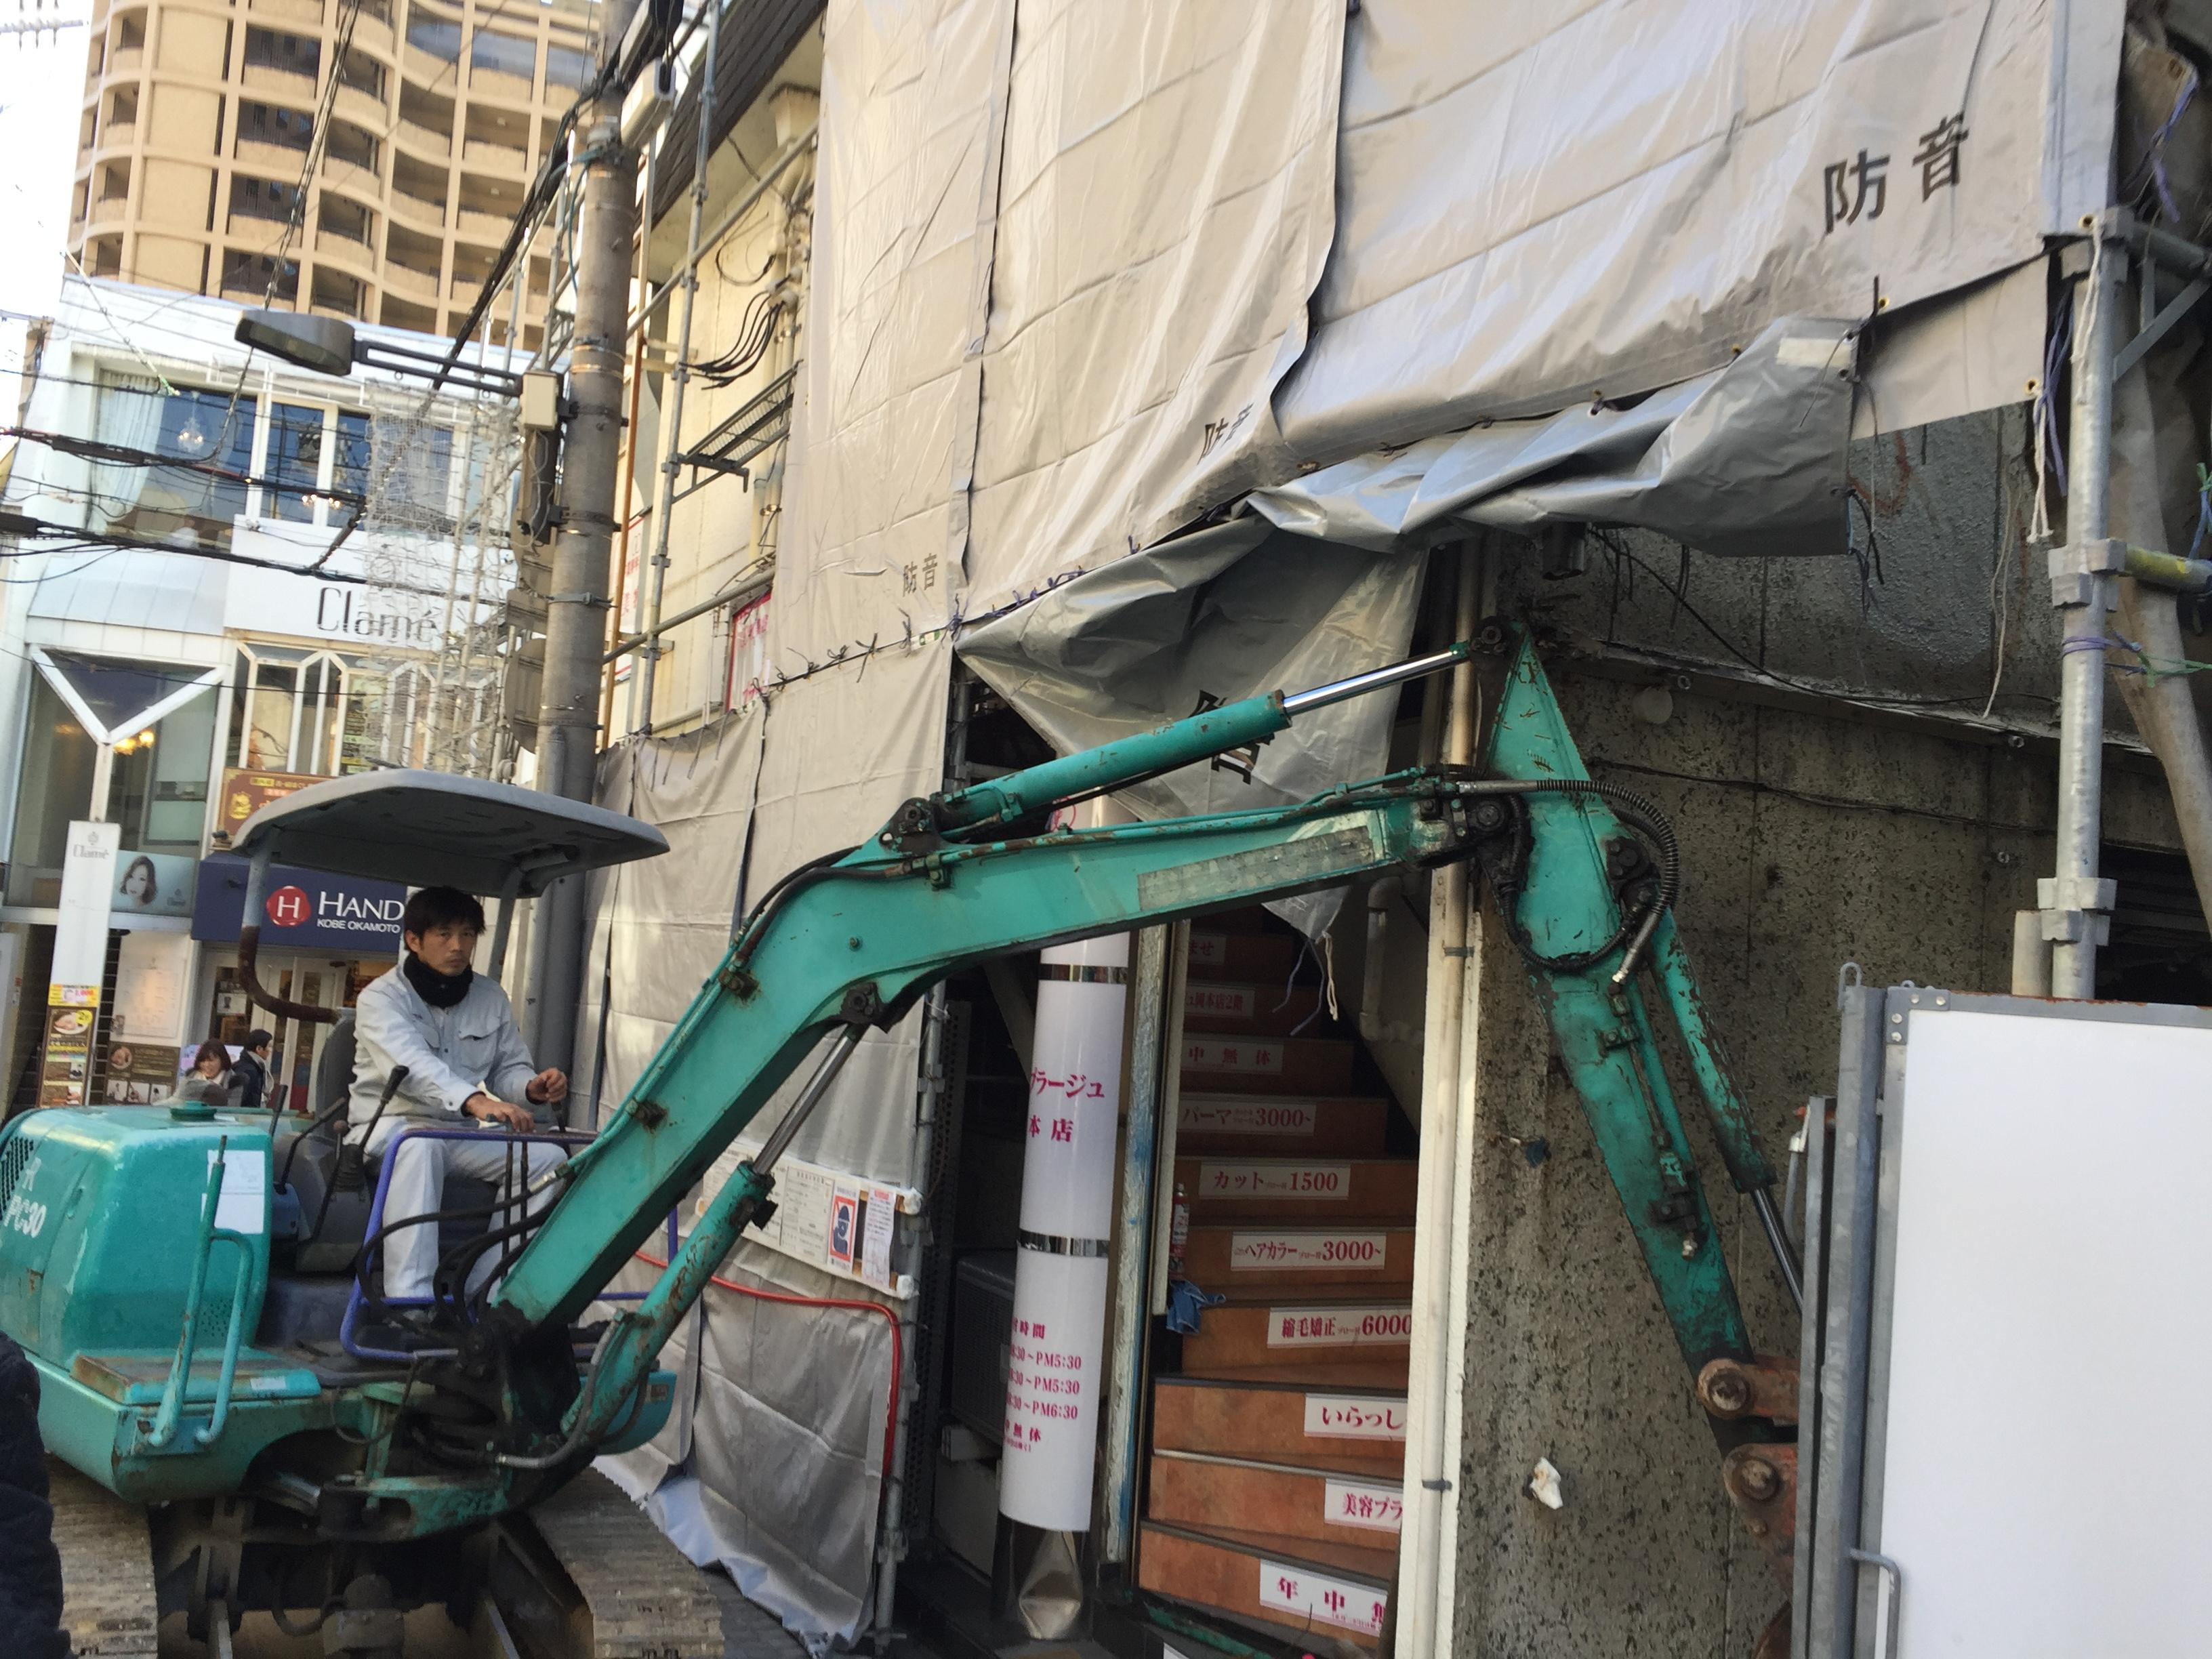 神戸・岡本のランドマーク、有本ビルの解体工事が始まったよ【写真付告知】